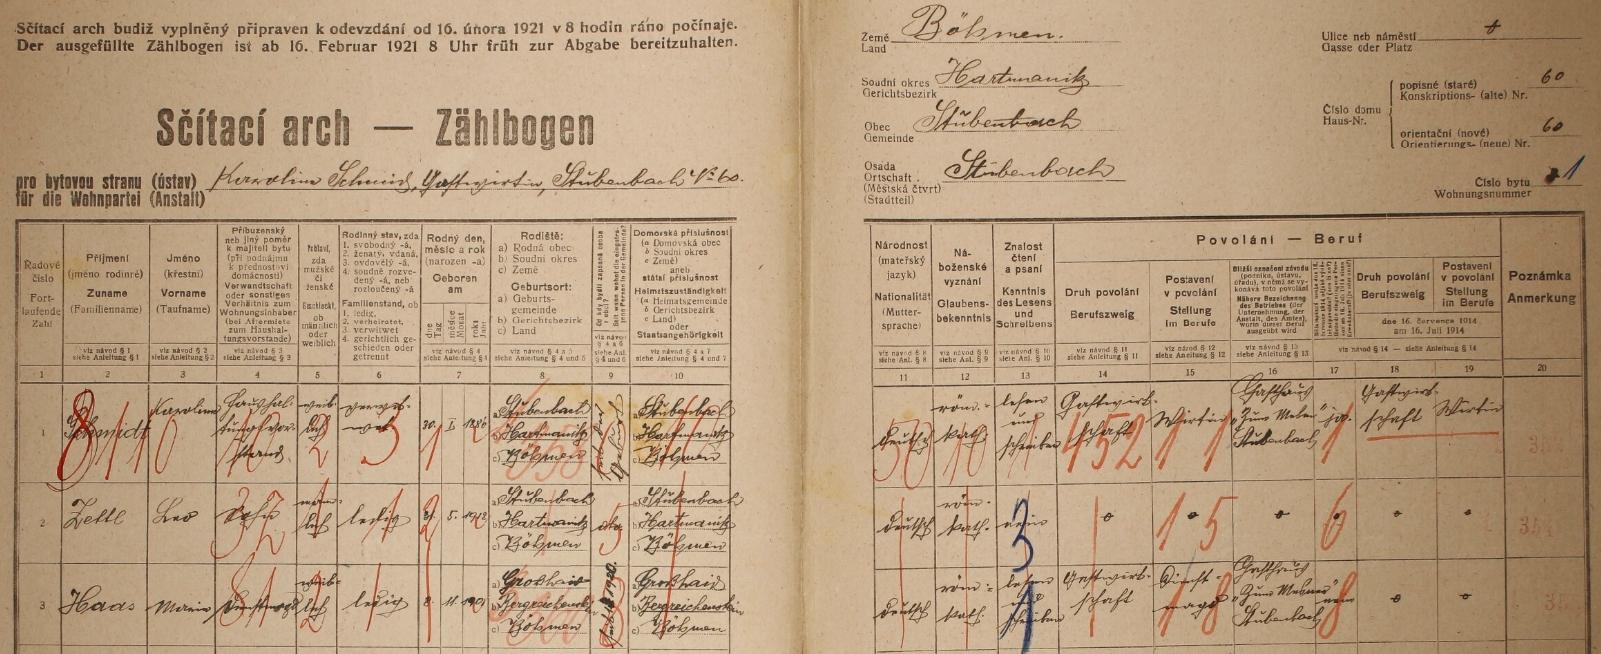 Arch sčítání lidu z roku 1921 pro stavení čp. 60 v Prášilech i s ním